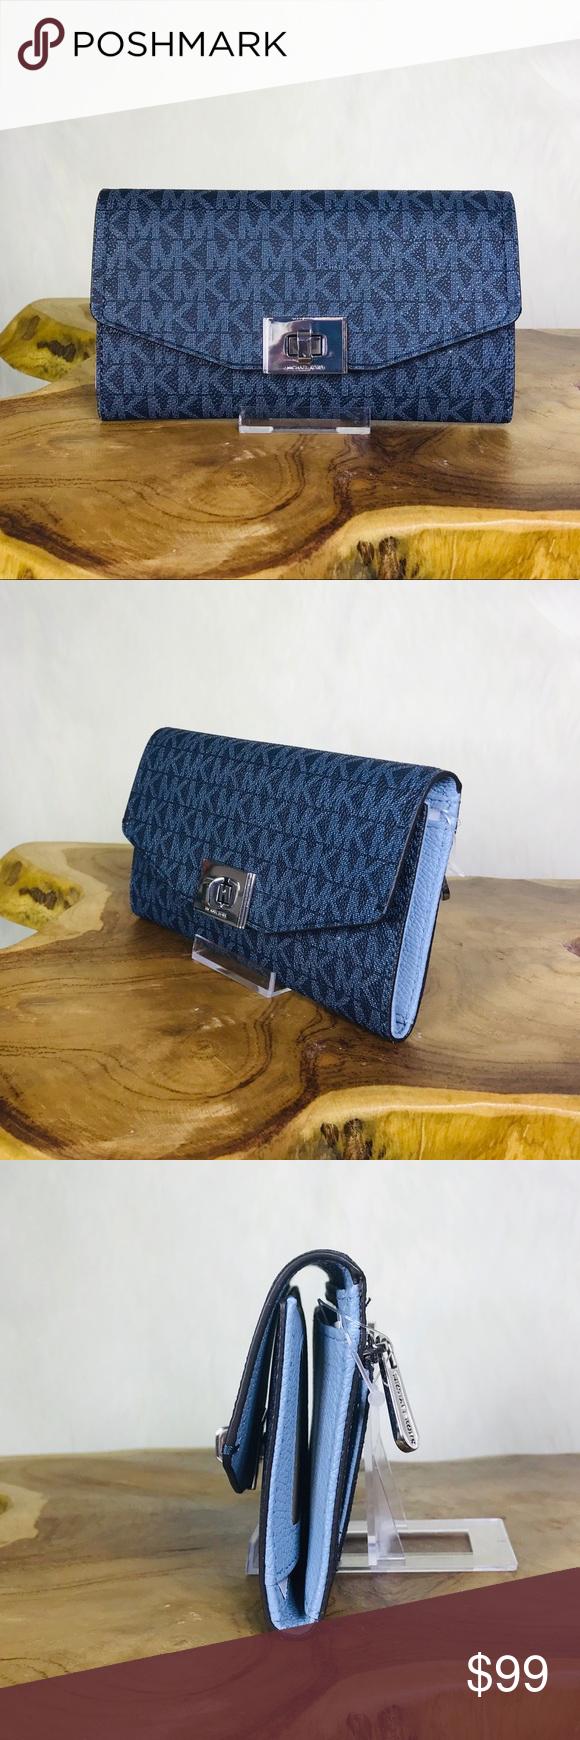 5af2554e3169 Michael Kors Cassie Large Trifold Wallet Michael Kors Cassie Large Trifold  Wallet Color  Admiral Blue